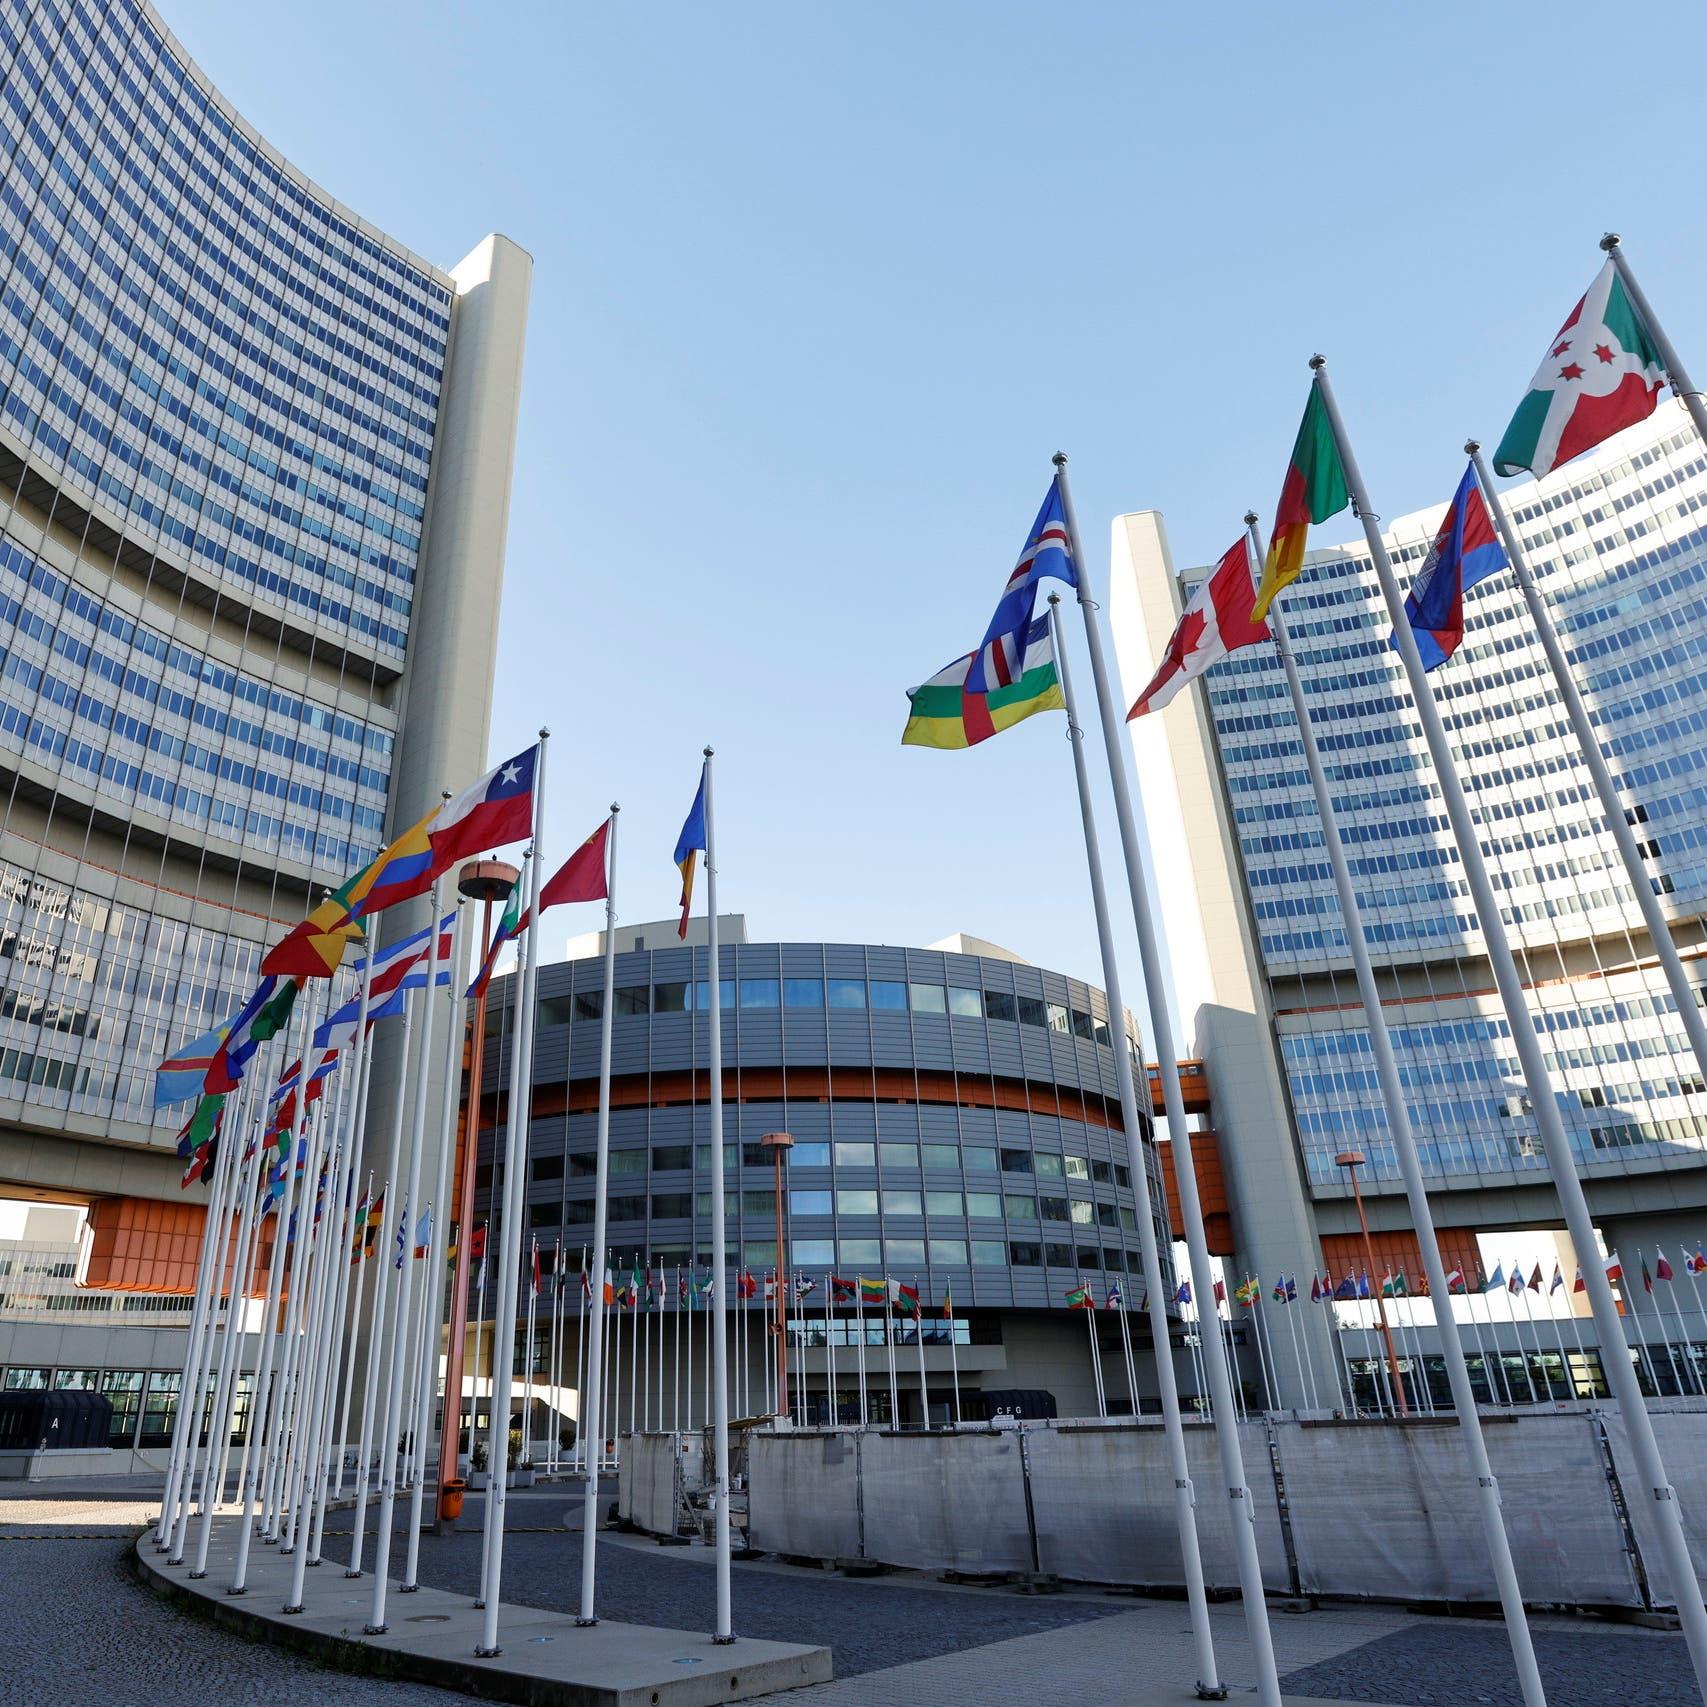 الوكالة الذرية: إيران تواصل انتهاكها للاتفاق النووي